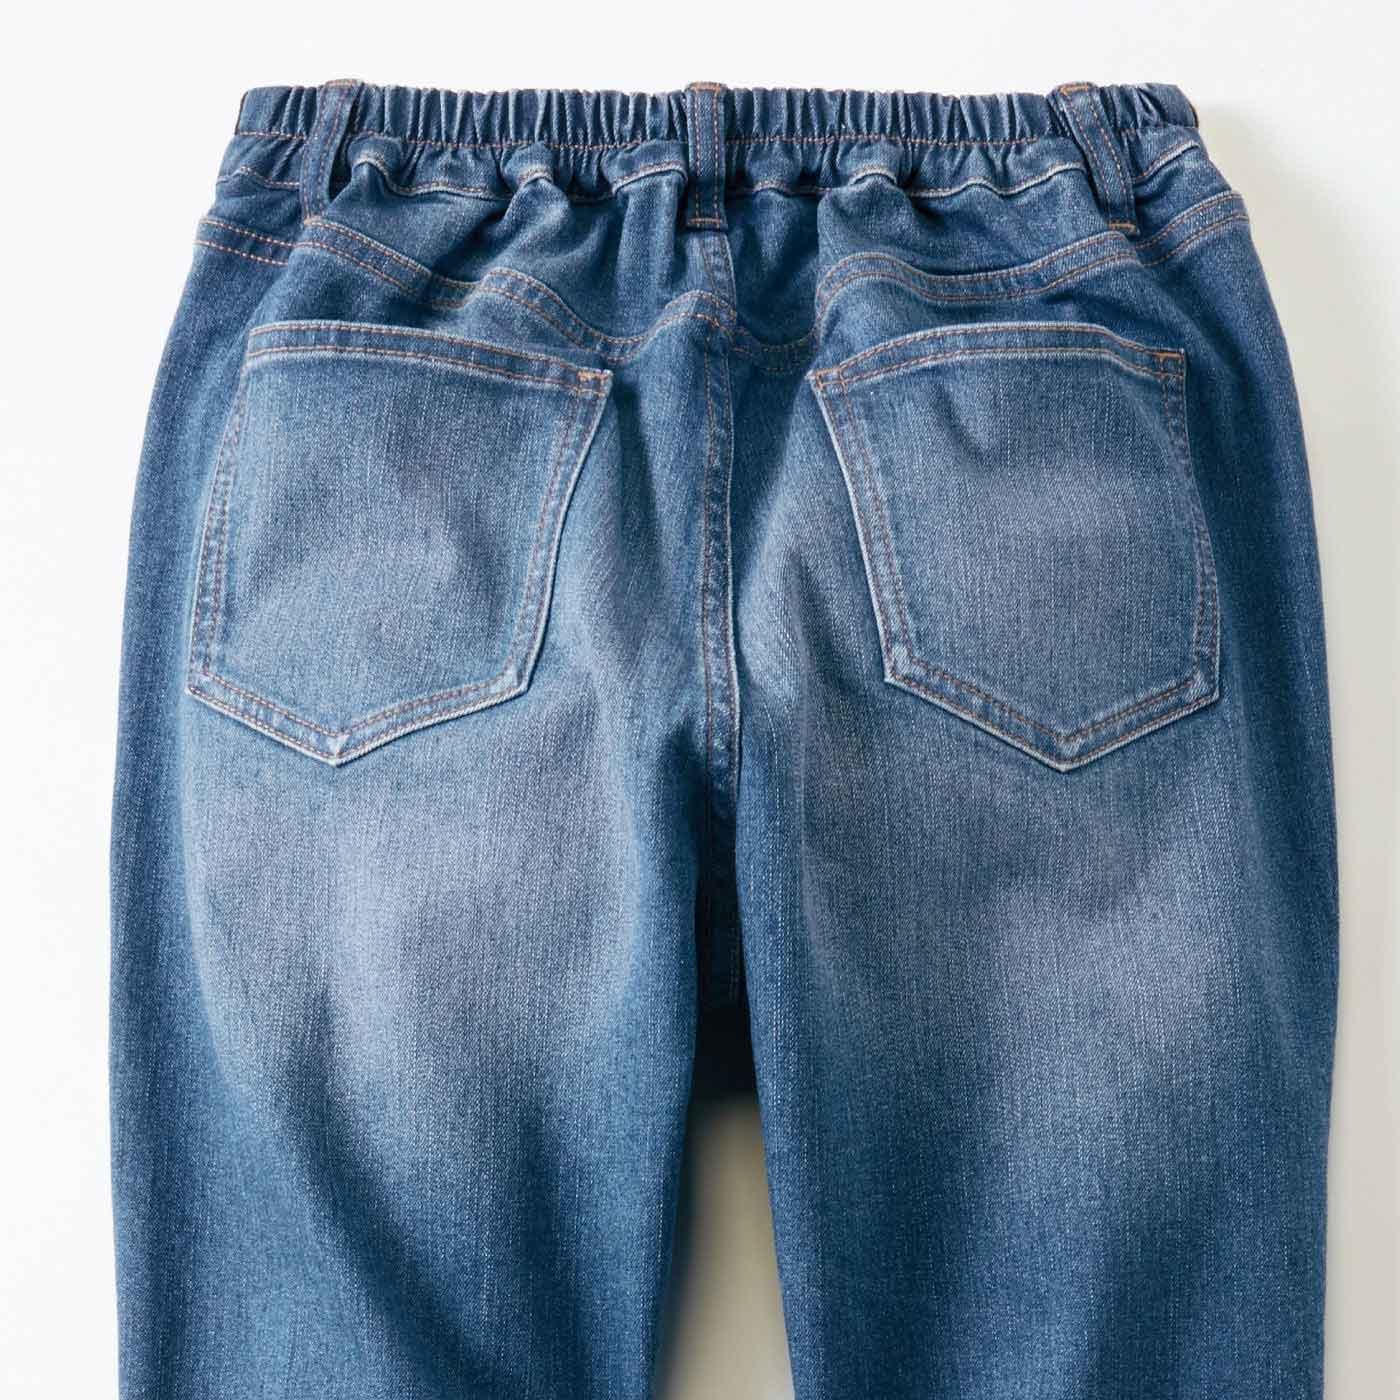 バックポケットでおしりをカバー。後ろまた上も深めでかがんでも安心。